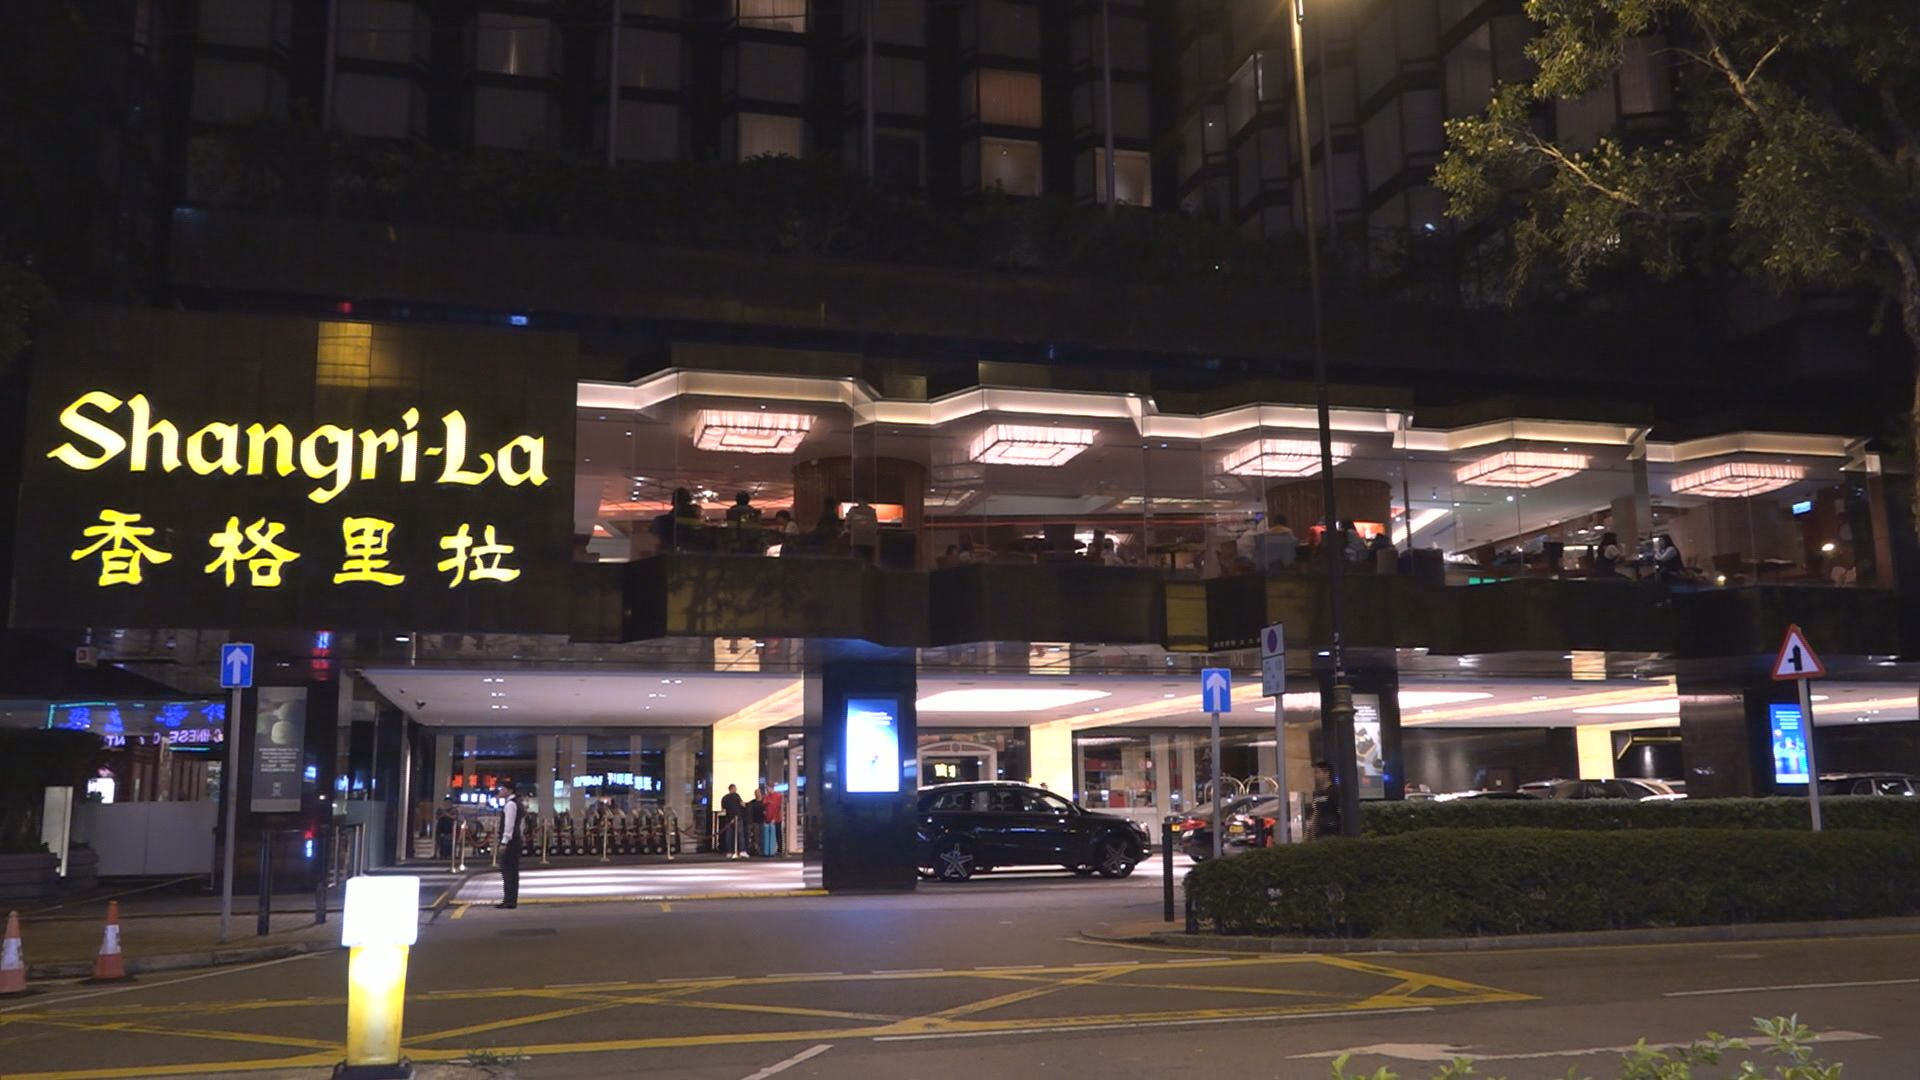 十人於九龍香格里拉酒店晚膳後疑食物中毒